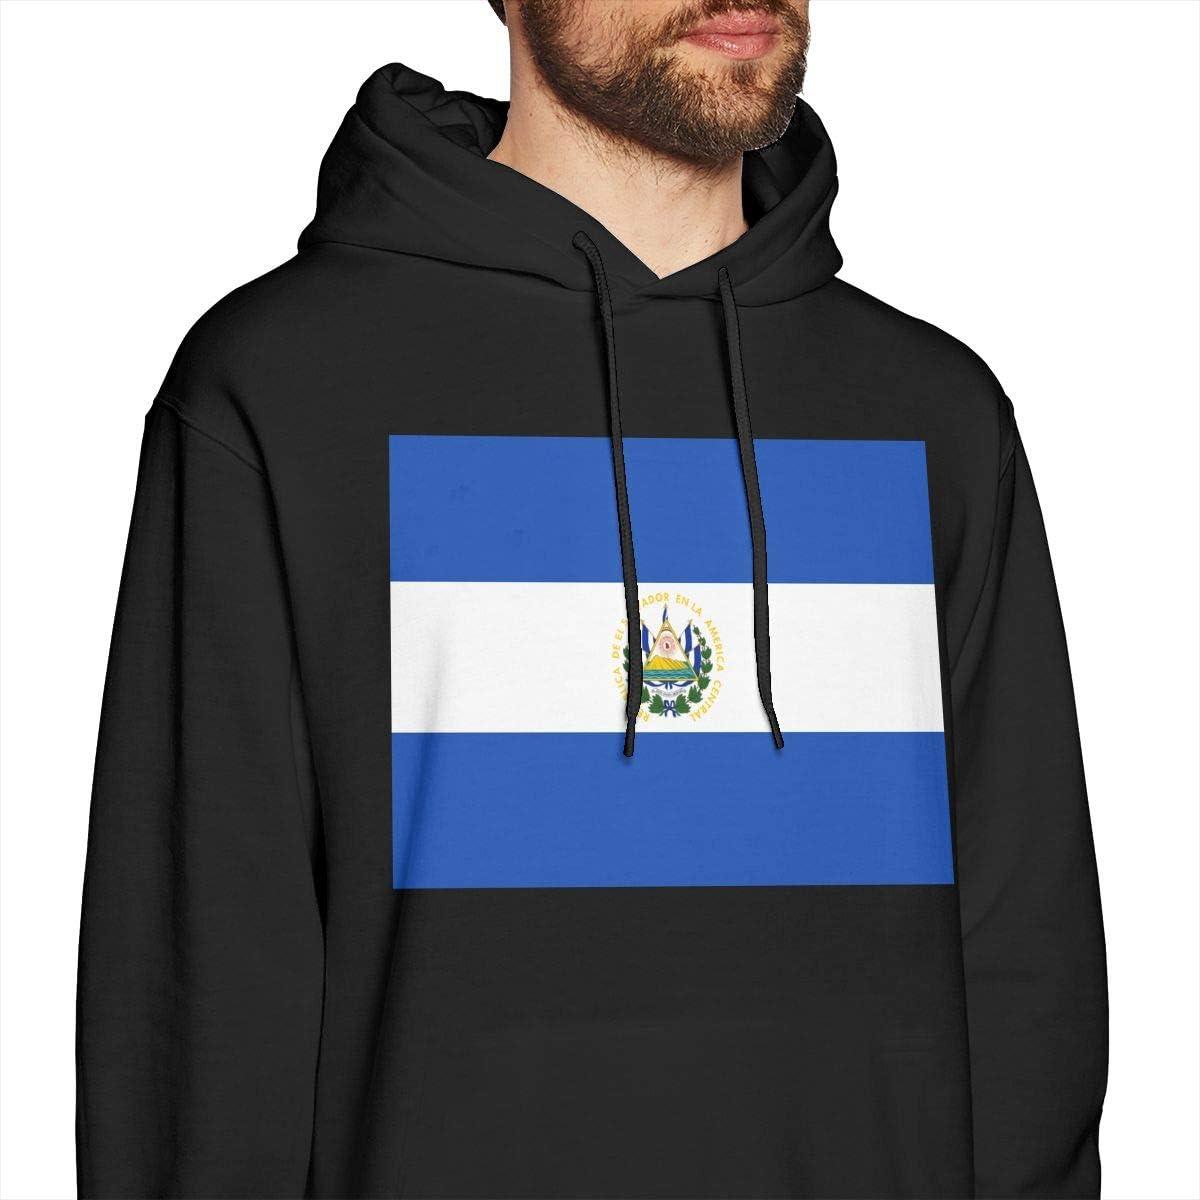 Mens Hoodies Flag of El Salvador Cool Pullover Hooded Print Sweatshirt Jackets